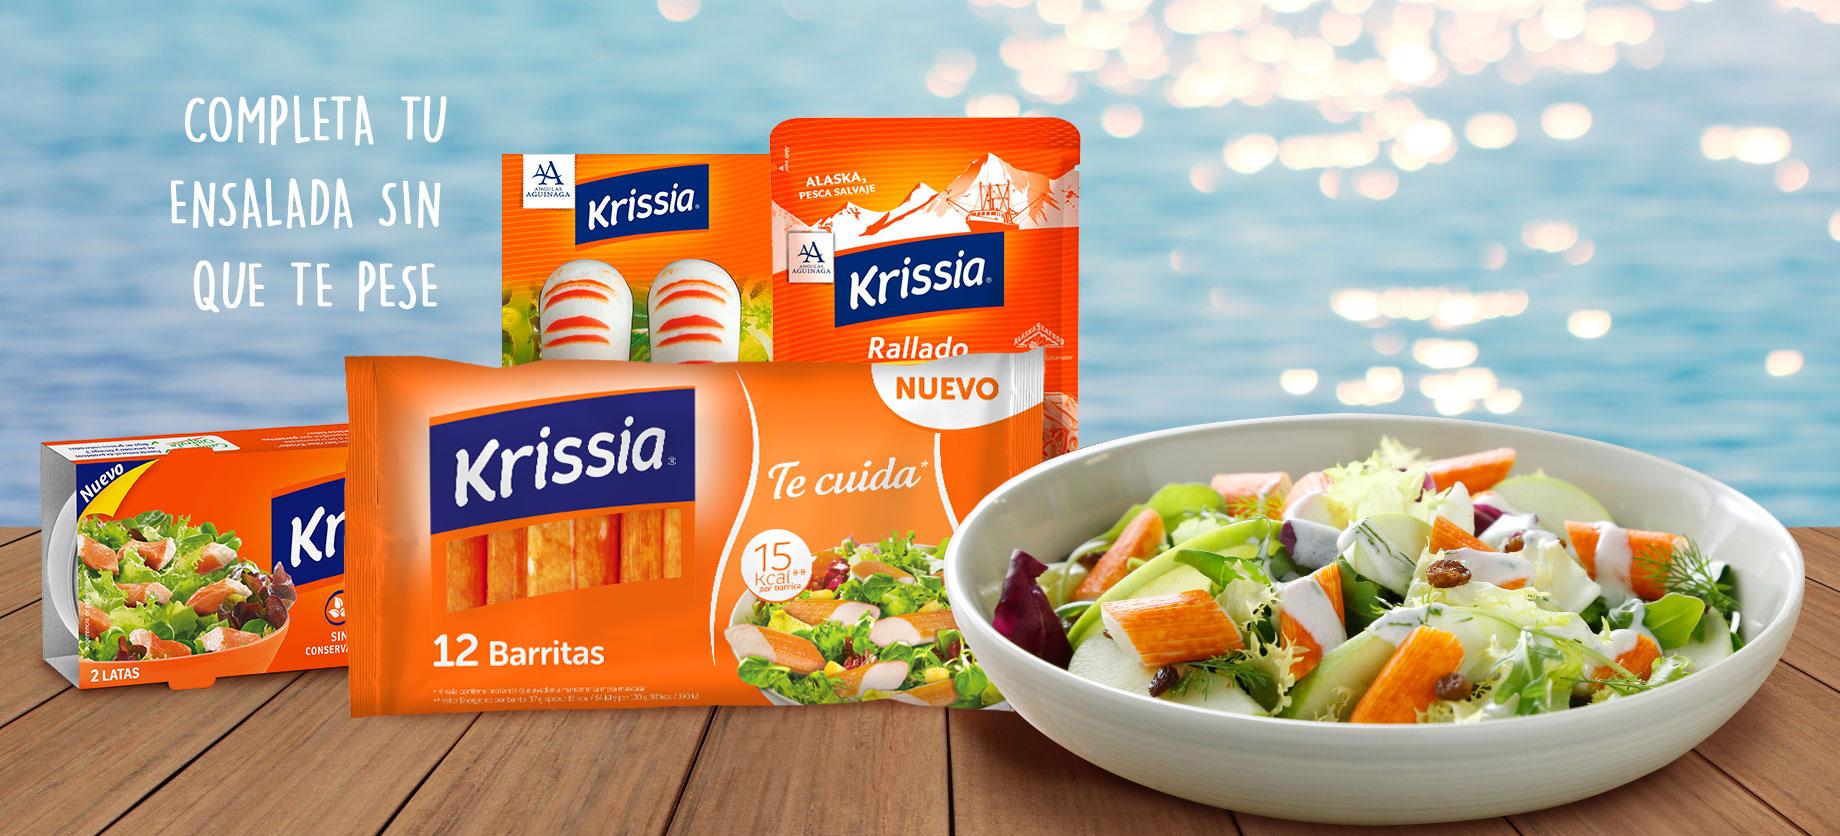 Productos de surimi Krissia con ensalada